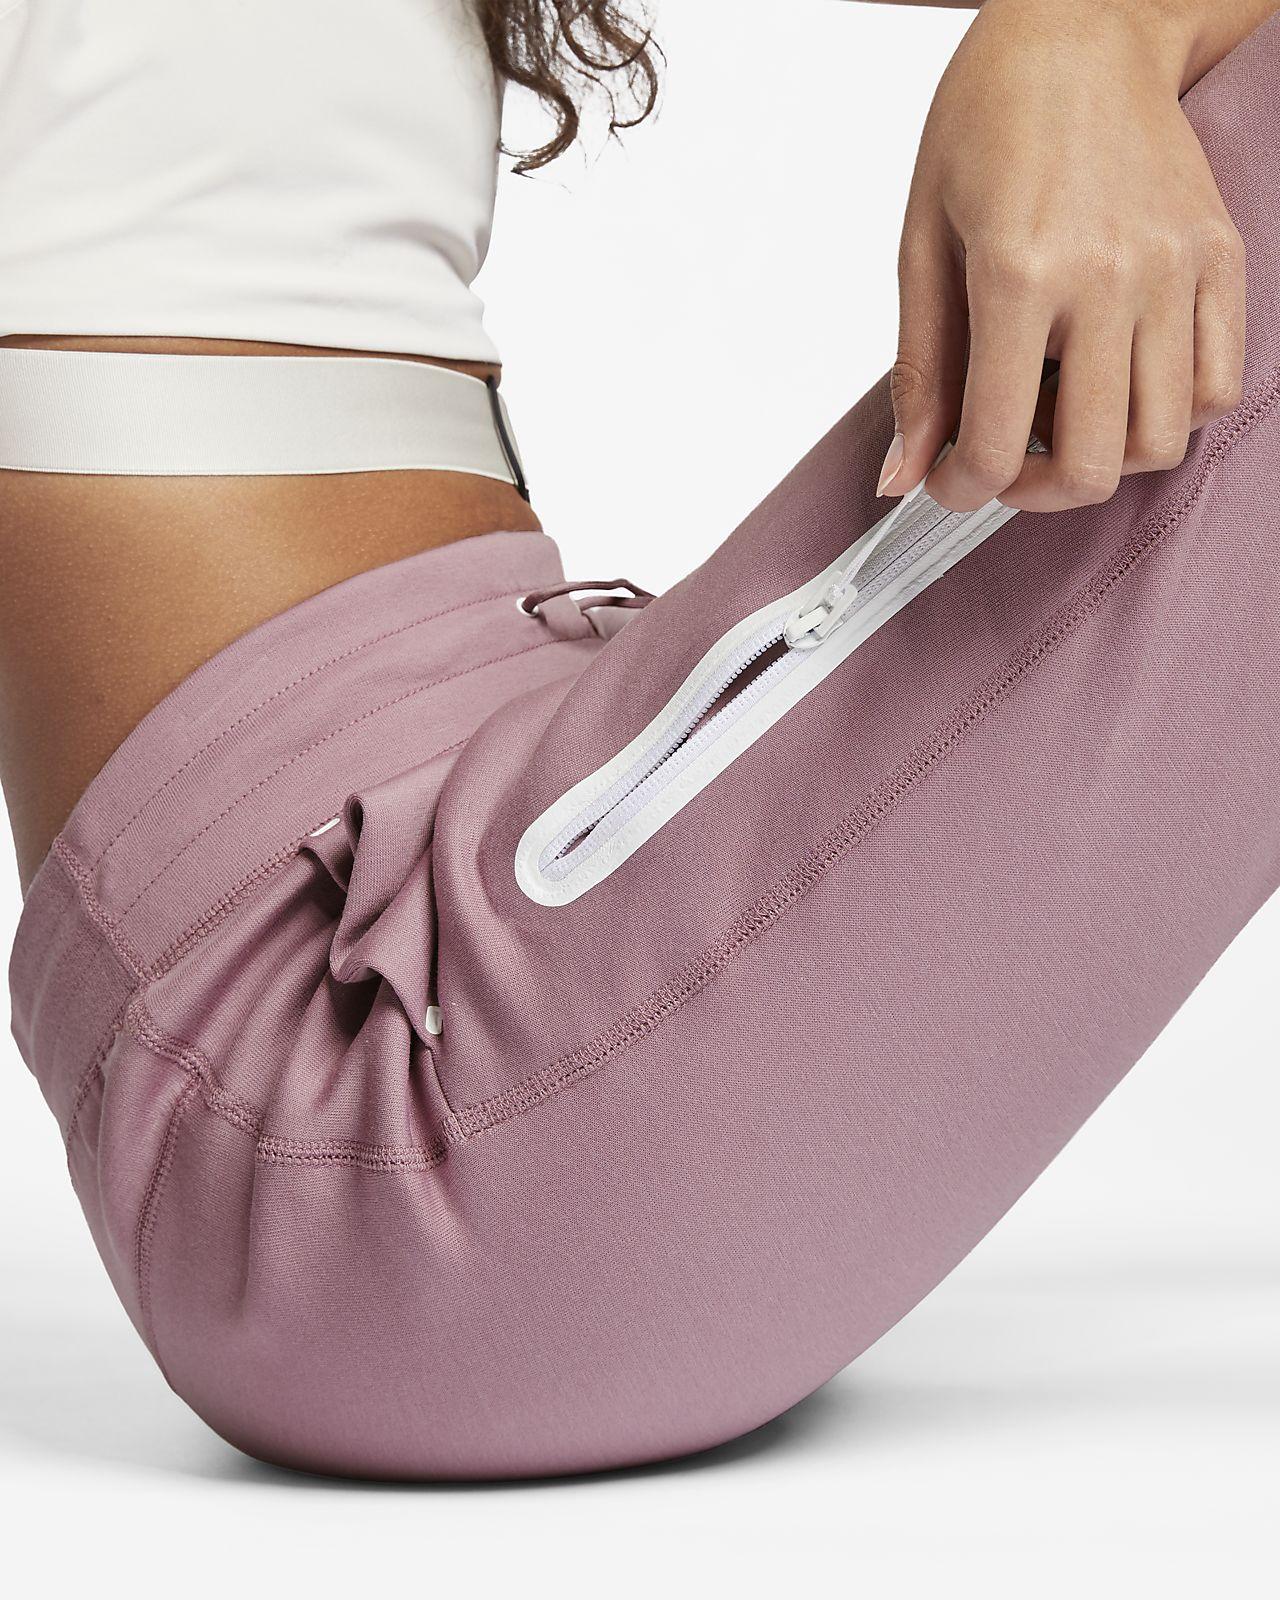 new styles 29055 31038 ... Nike Sportswear Tech Fleece Women s Pants